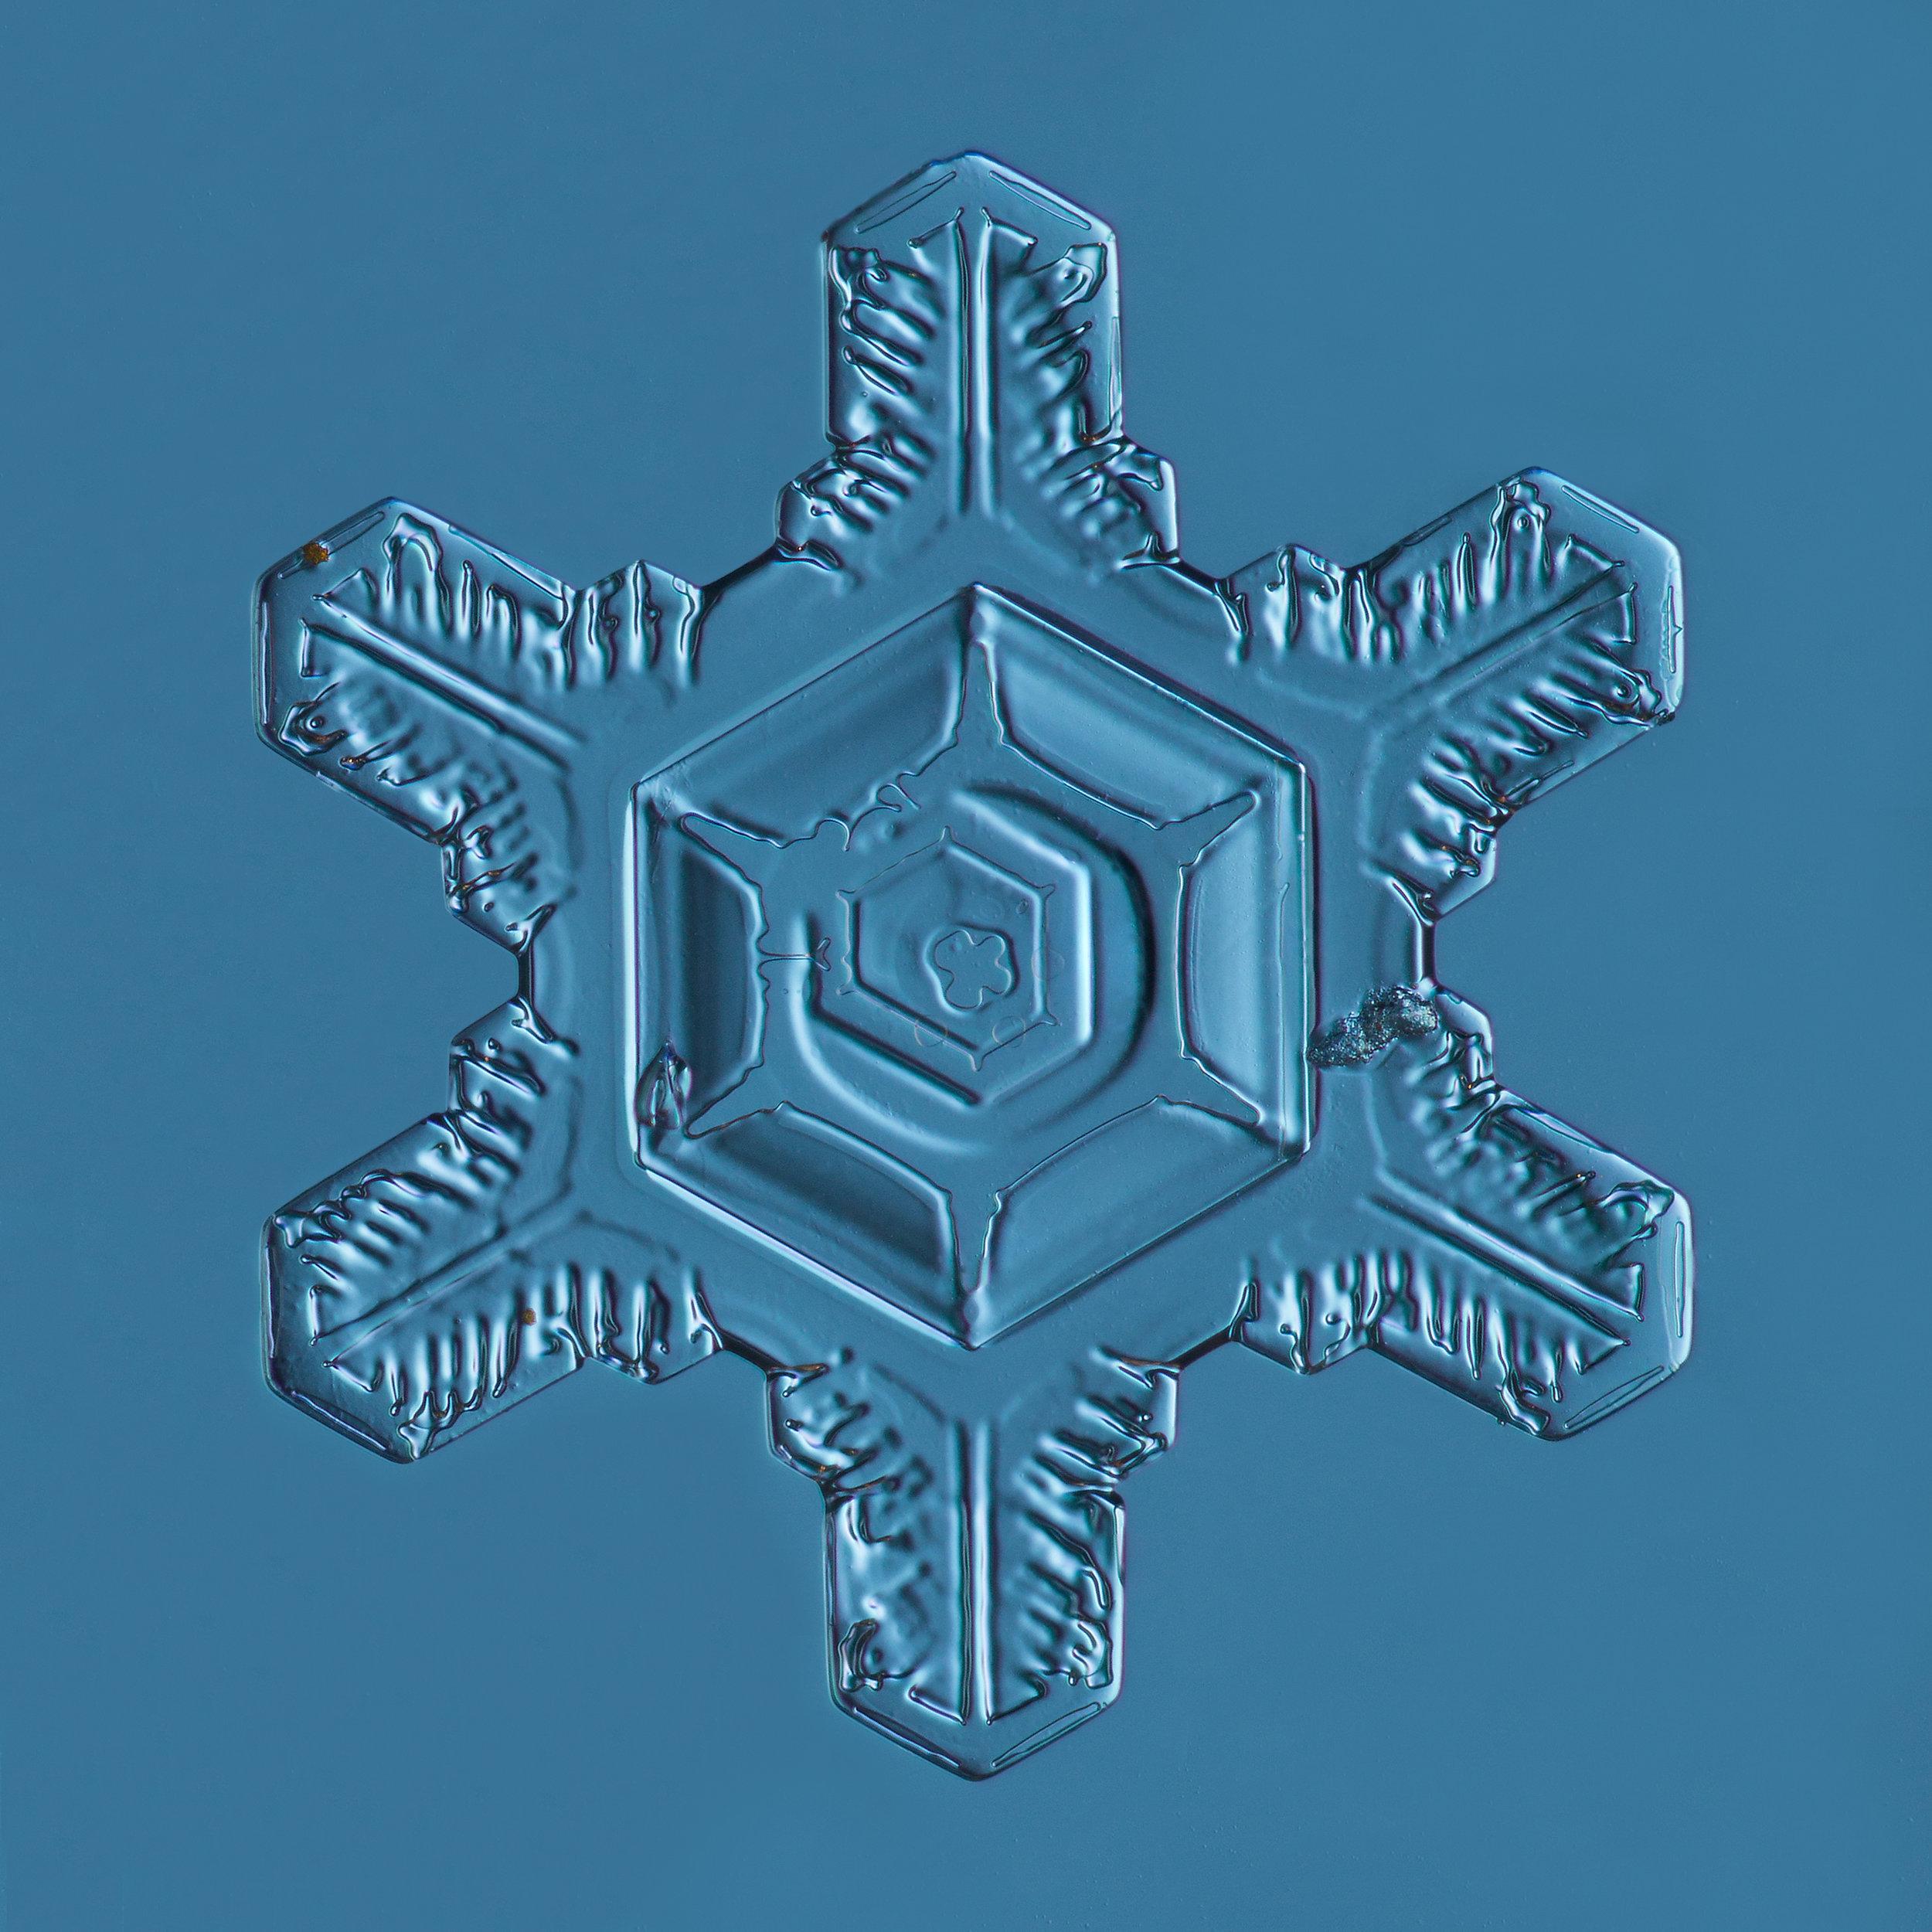 Snowflake 2015.02.25.002.JPG